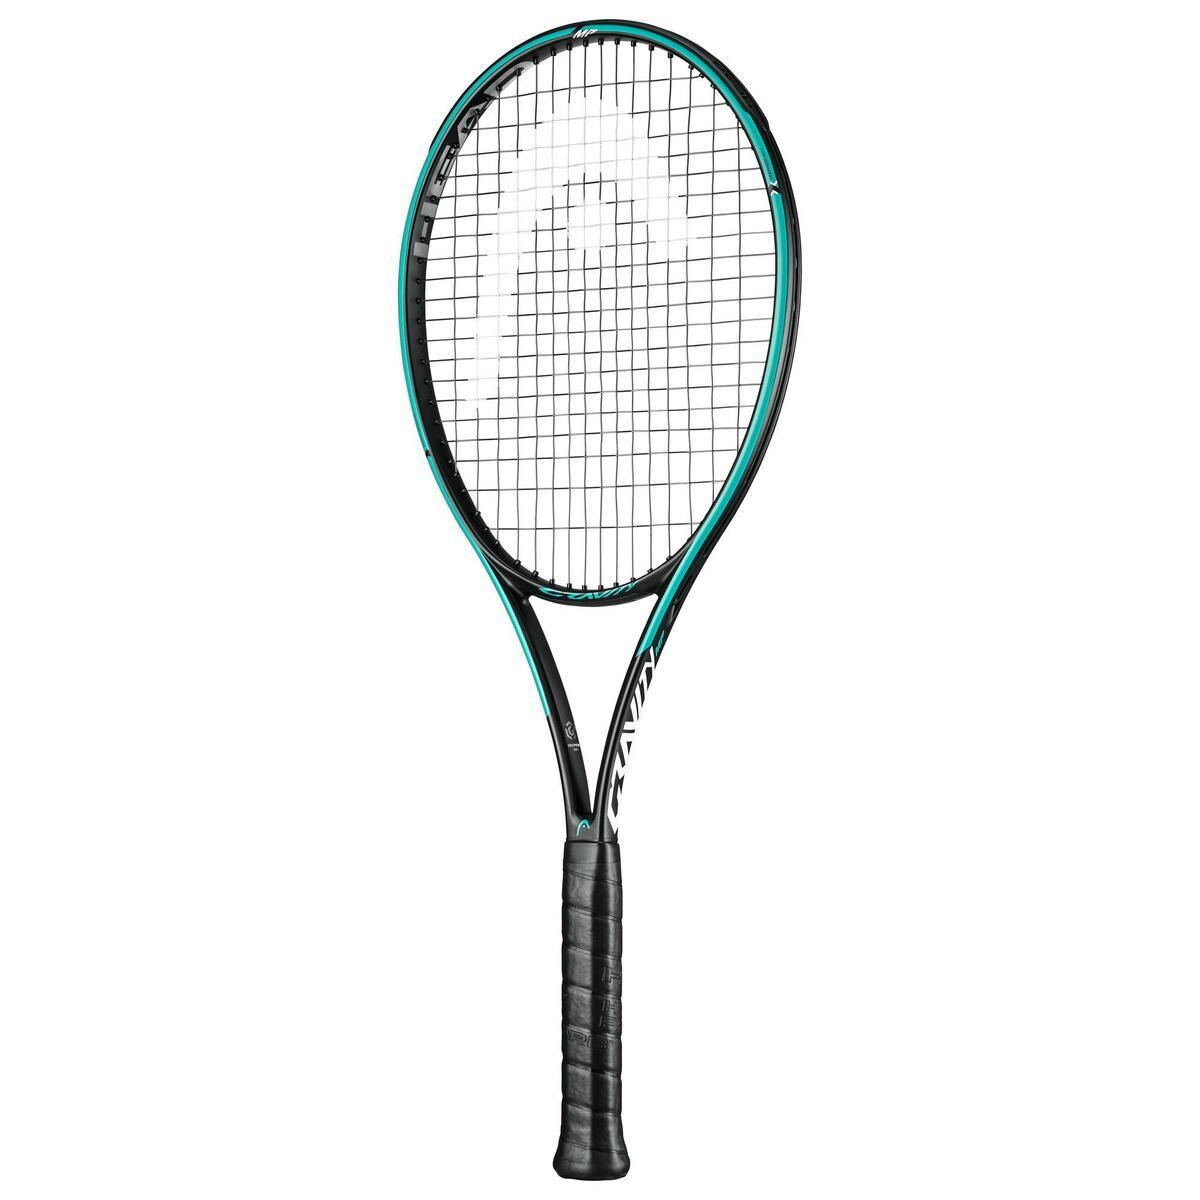 Bild 2 von Tennisschläger Gravity MP Graphene 360+ Erwachsene orange/blau